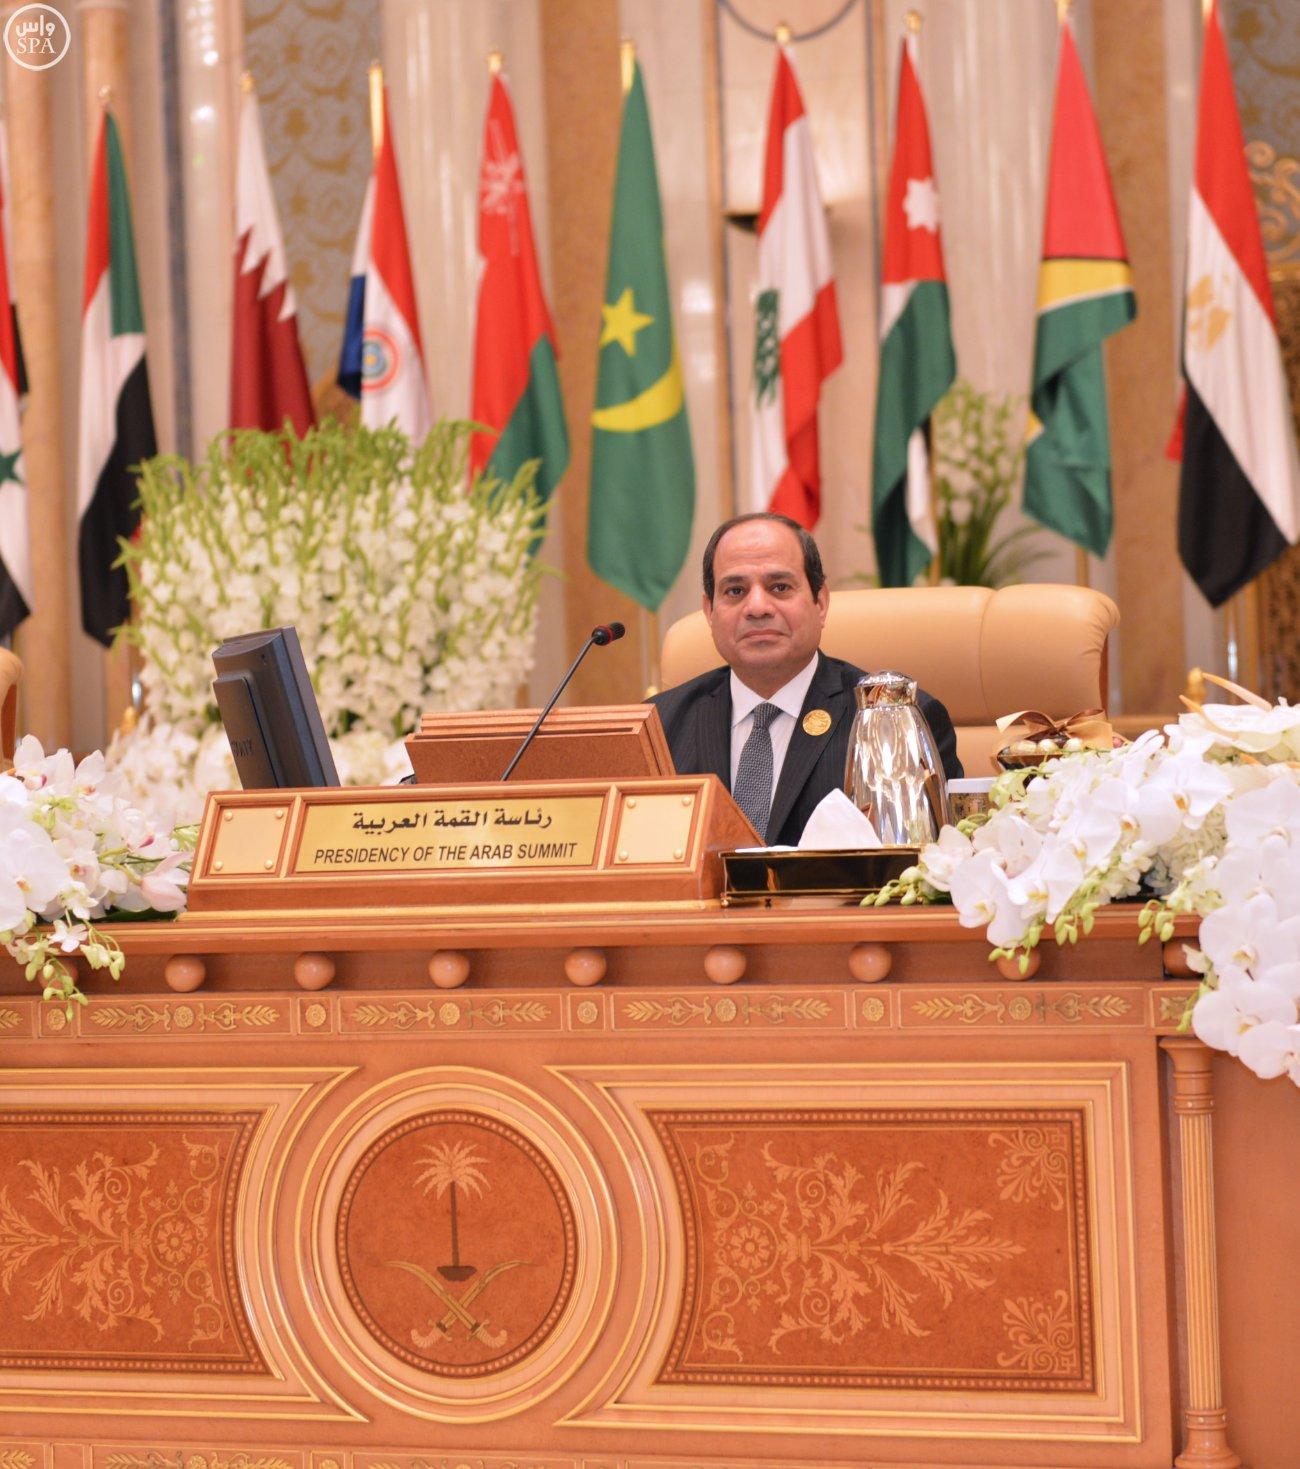 القمة الرابعة للدول العربية ودول أمريكا الجنوبية (35)